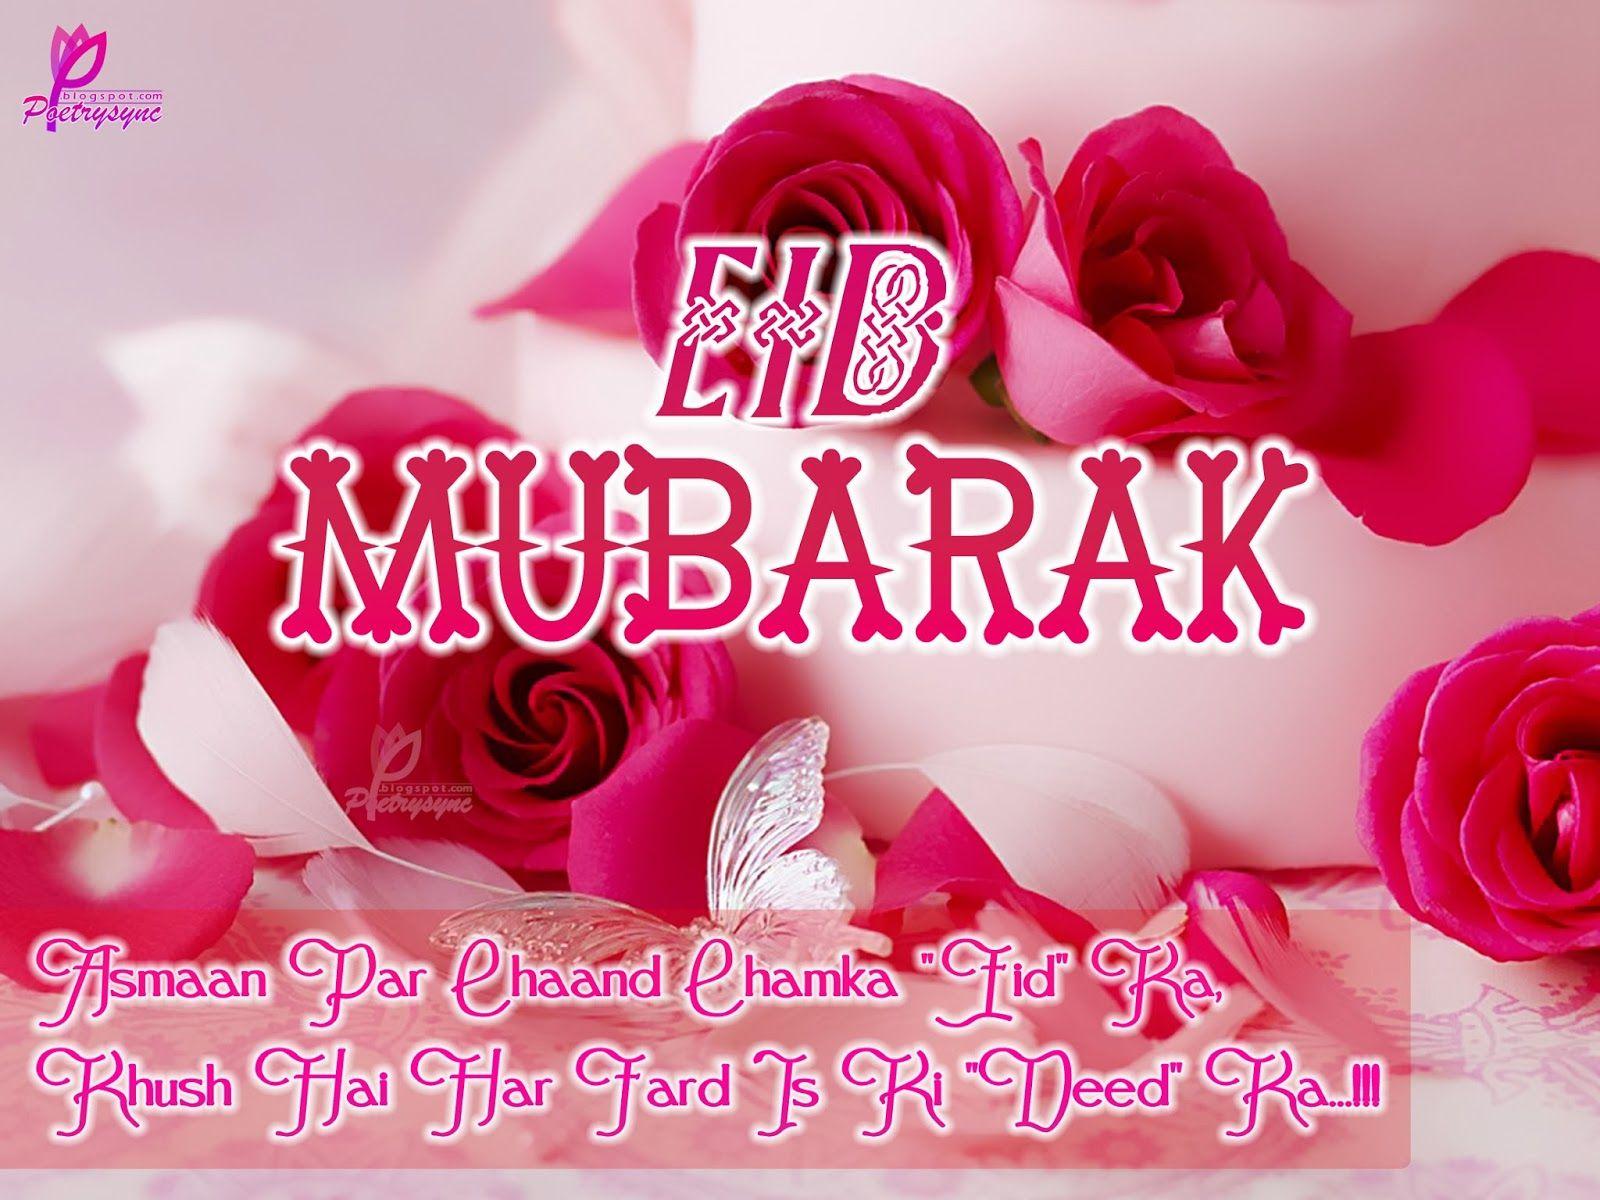 Wonderful Wallpaper Love Eid Mubarak - 1e48f80fa7b1956add28a990c868db76  Pictures_586295.jpg